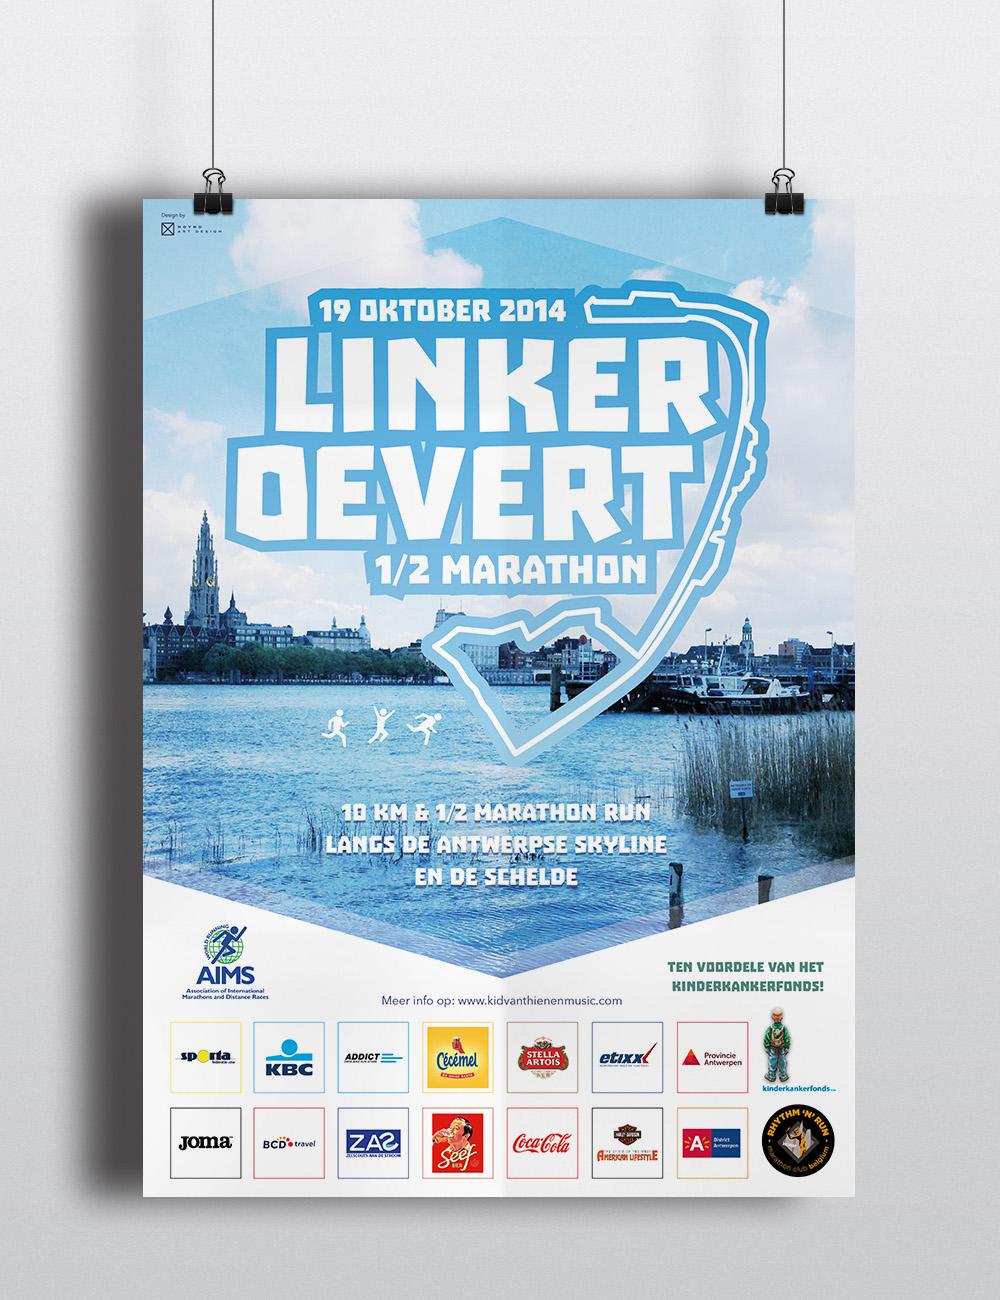 Linker Oevert 2014 Poster